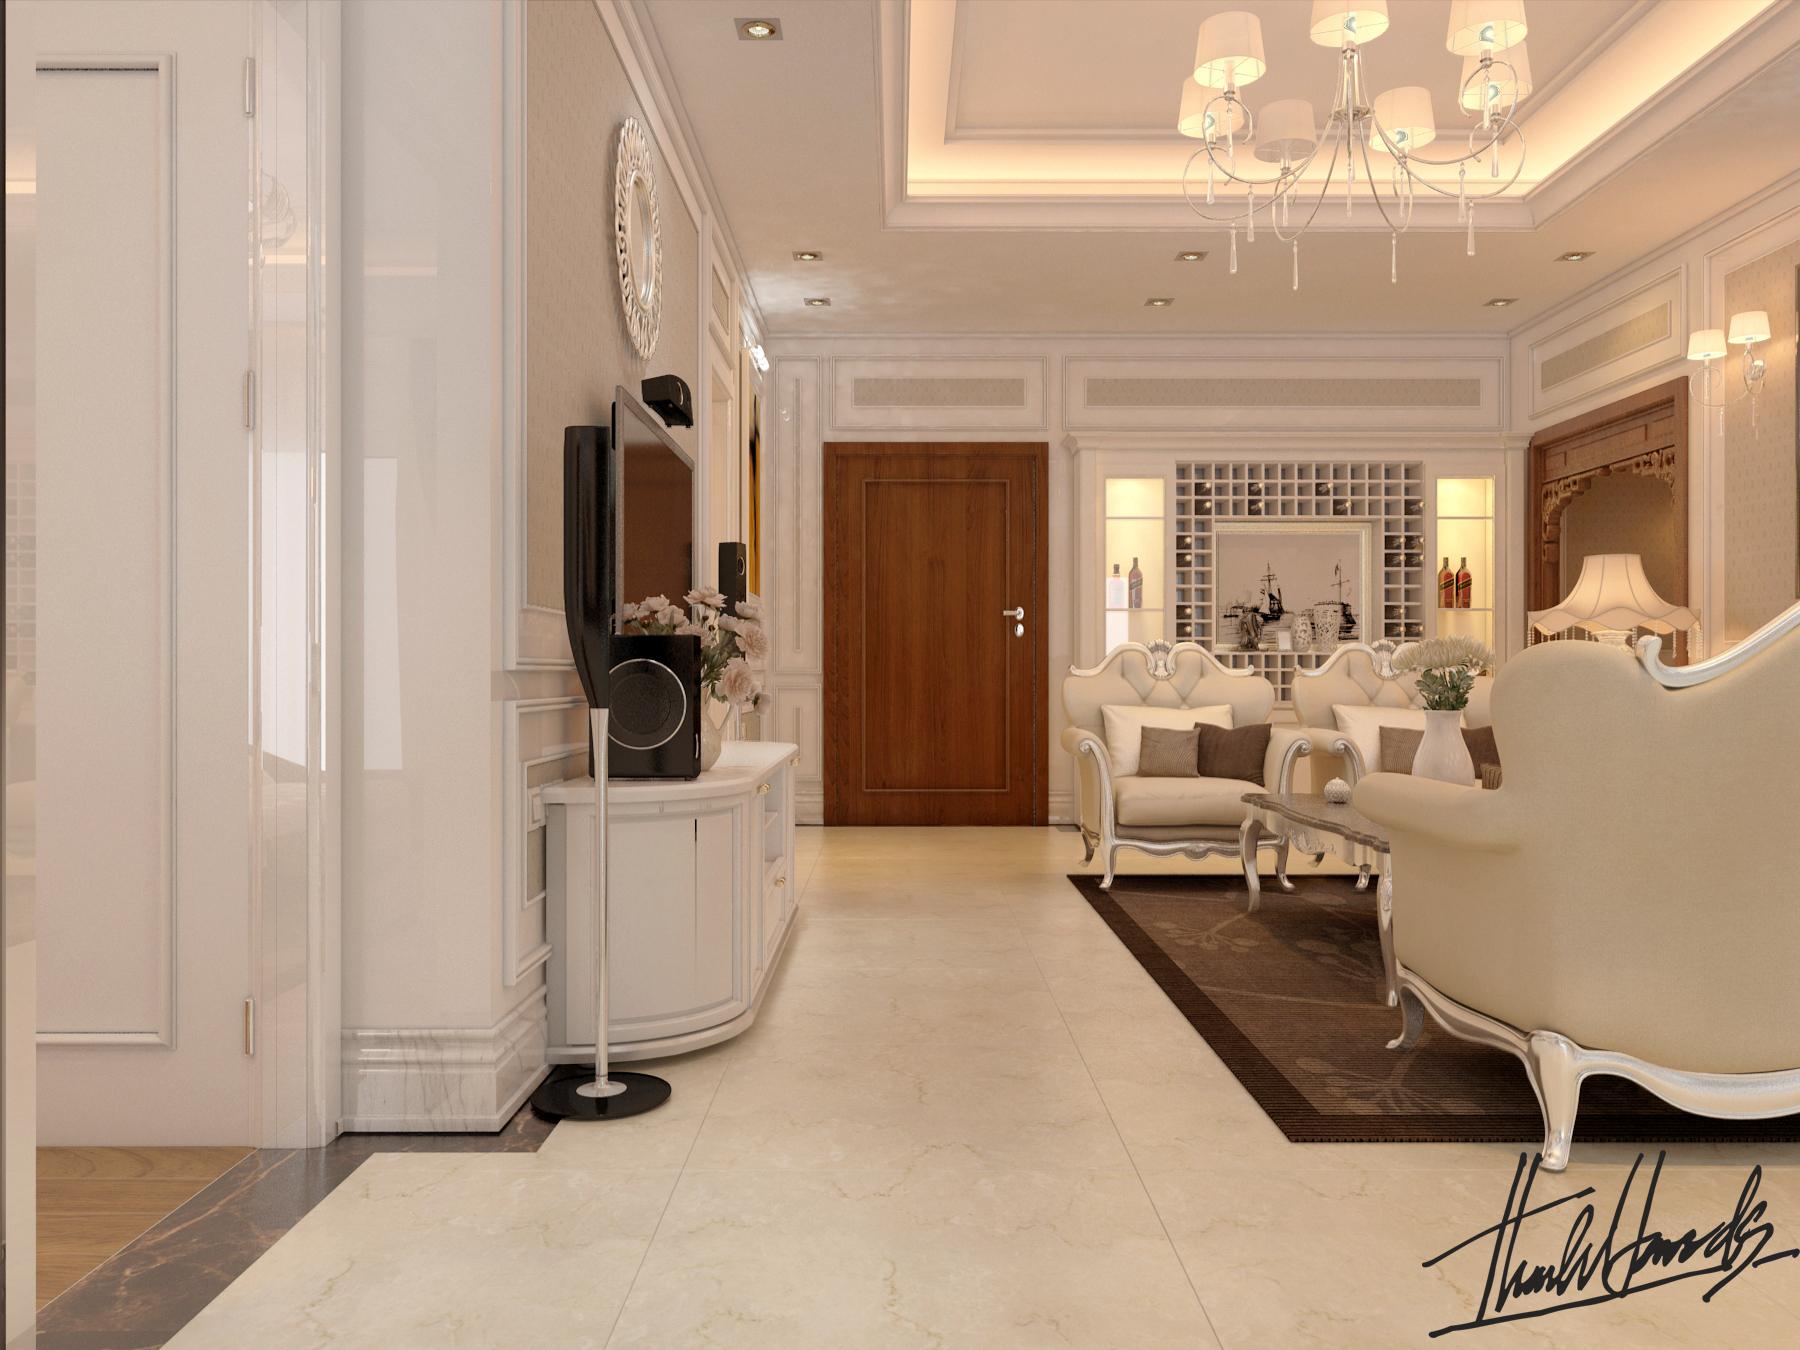 thiết kế nội thất chung cư tại Hà Nội chung cư trang an complex 5 1568277028